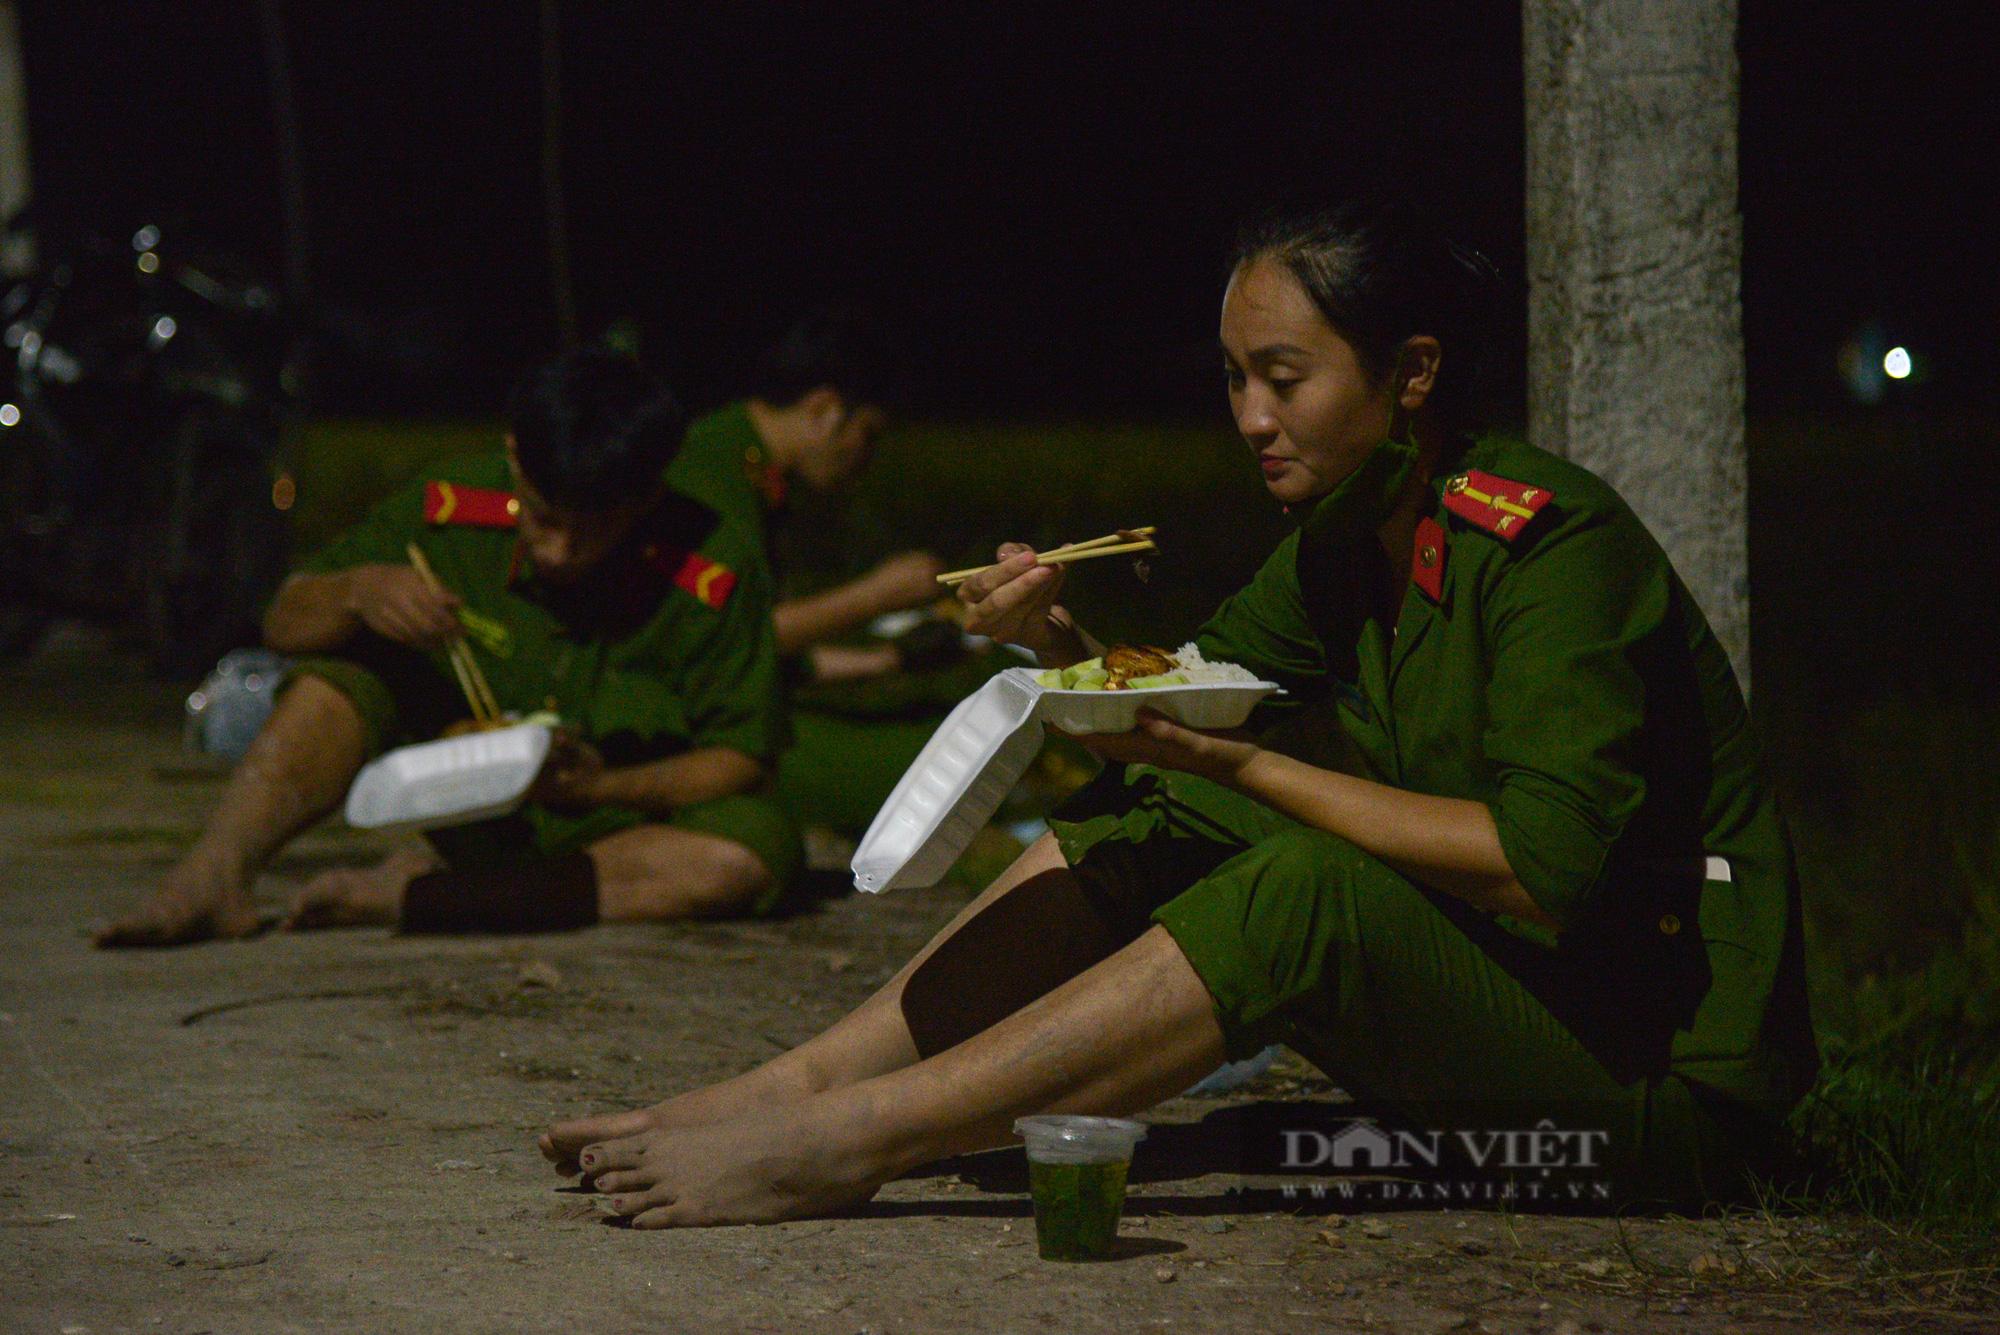 Hình ảnh chiến sĩ công an lội ruộng, ăn cơm vội để thu hoạch lúa giúp 141 hộ ở vùng cách ly y tế - Ảnh 13.